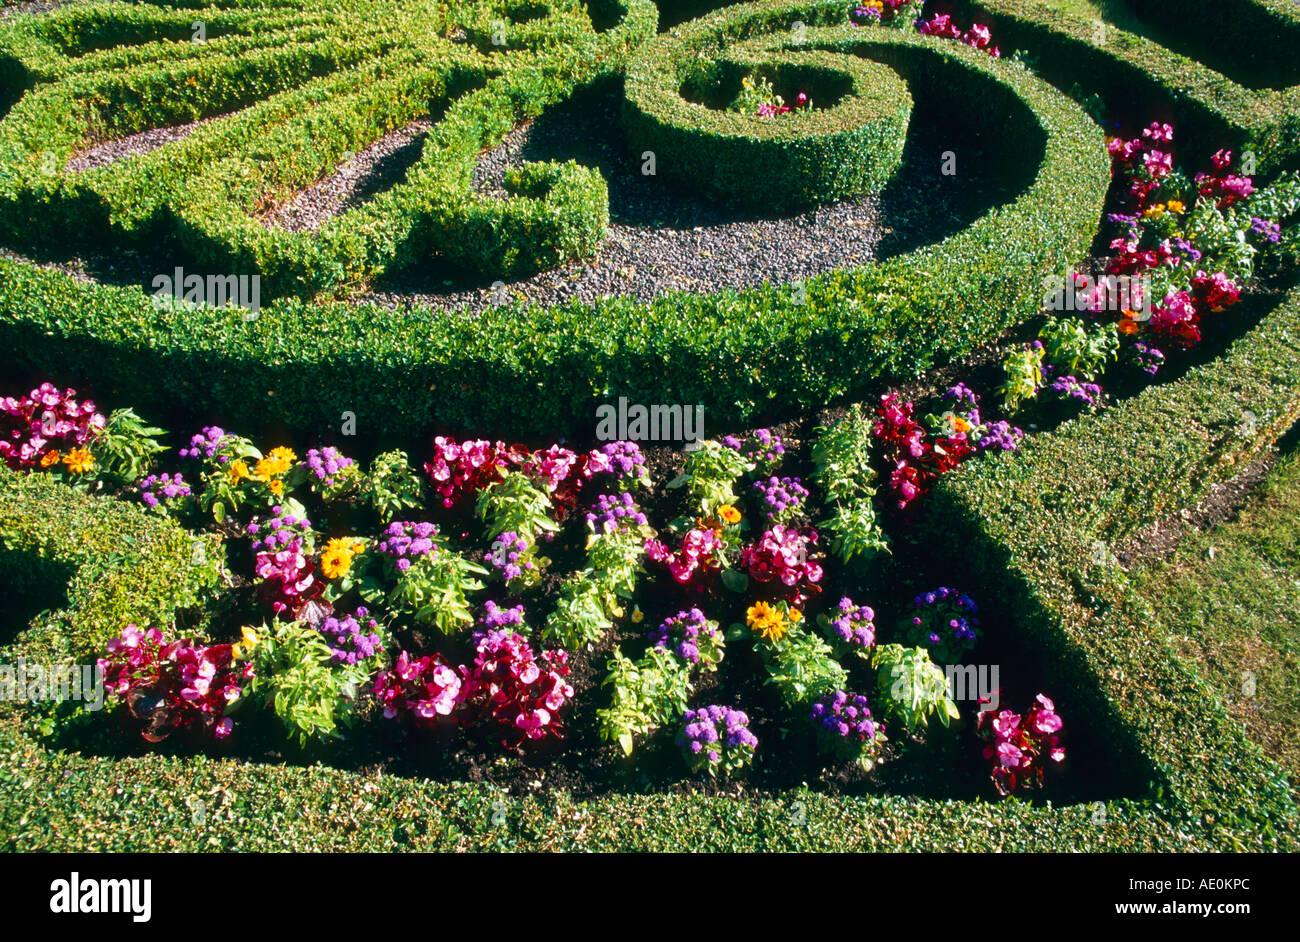 Schöne Garten Aspekt Garten Gartenimpression NRW Nordrhein Westfalen  Niederrhein Garten Im Kloster Kamp